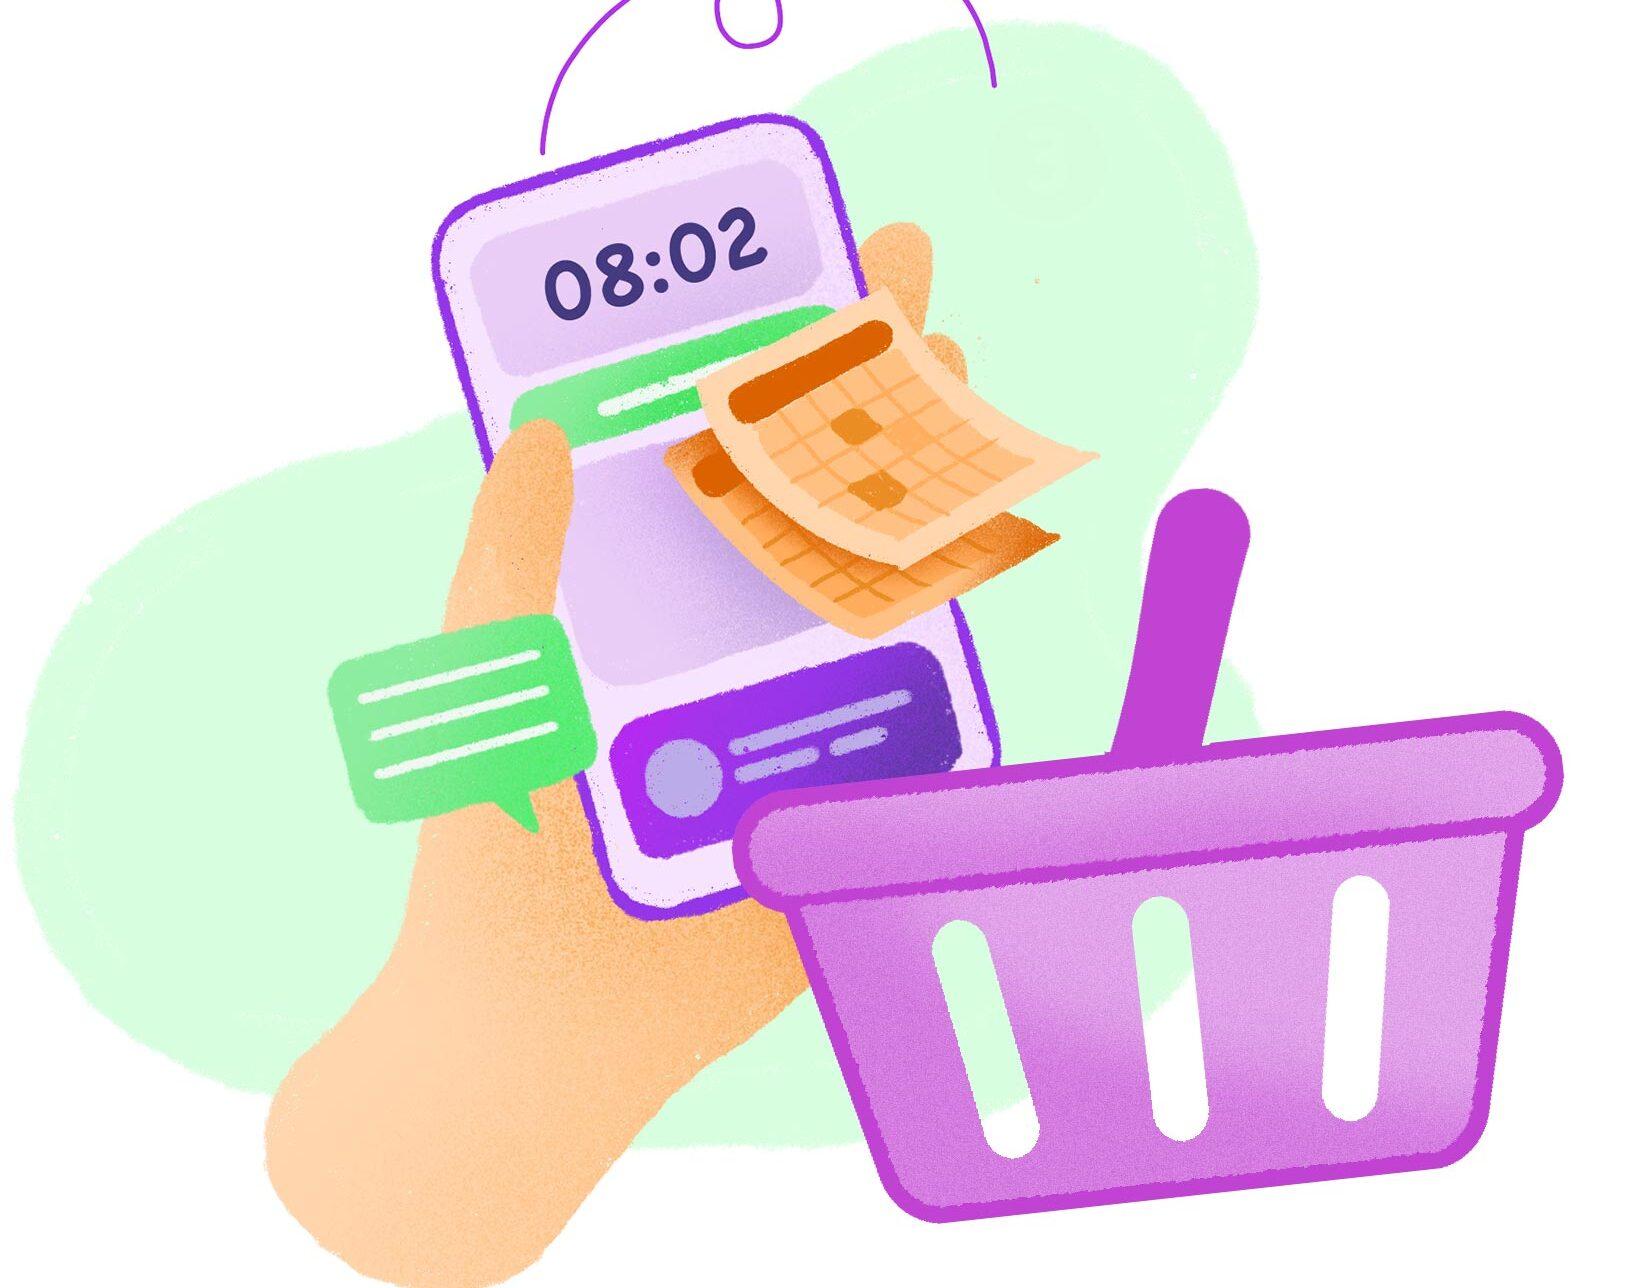 registro jornada laboral en supermercados